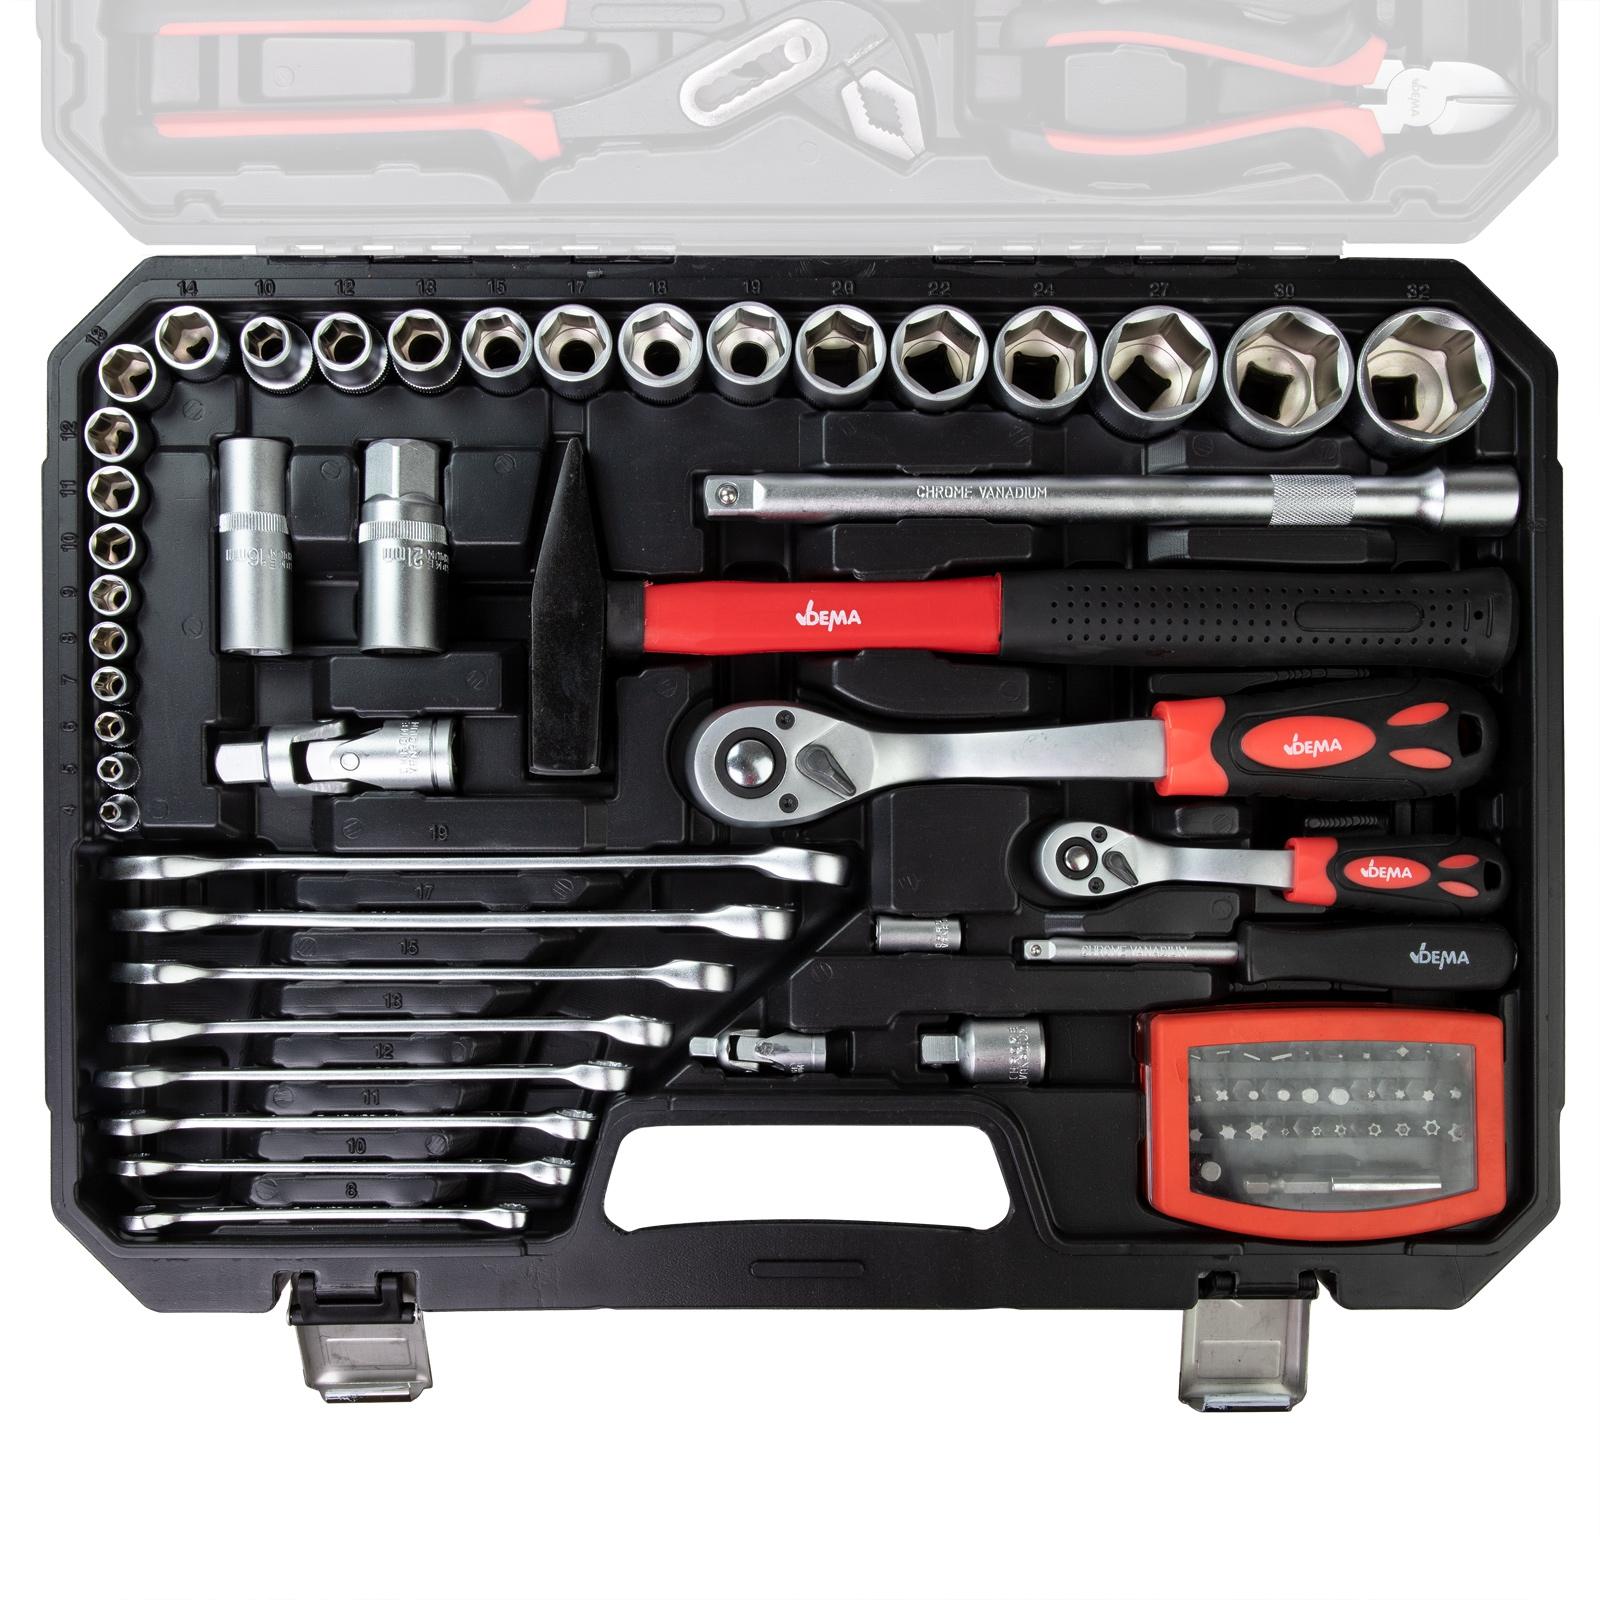 Dema Universal-Werkzeugkoffer 95 tlg. Werkzeugset 15250